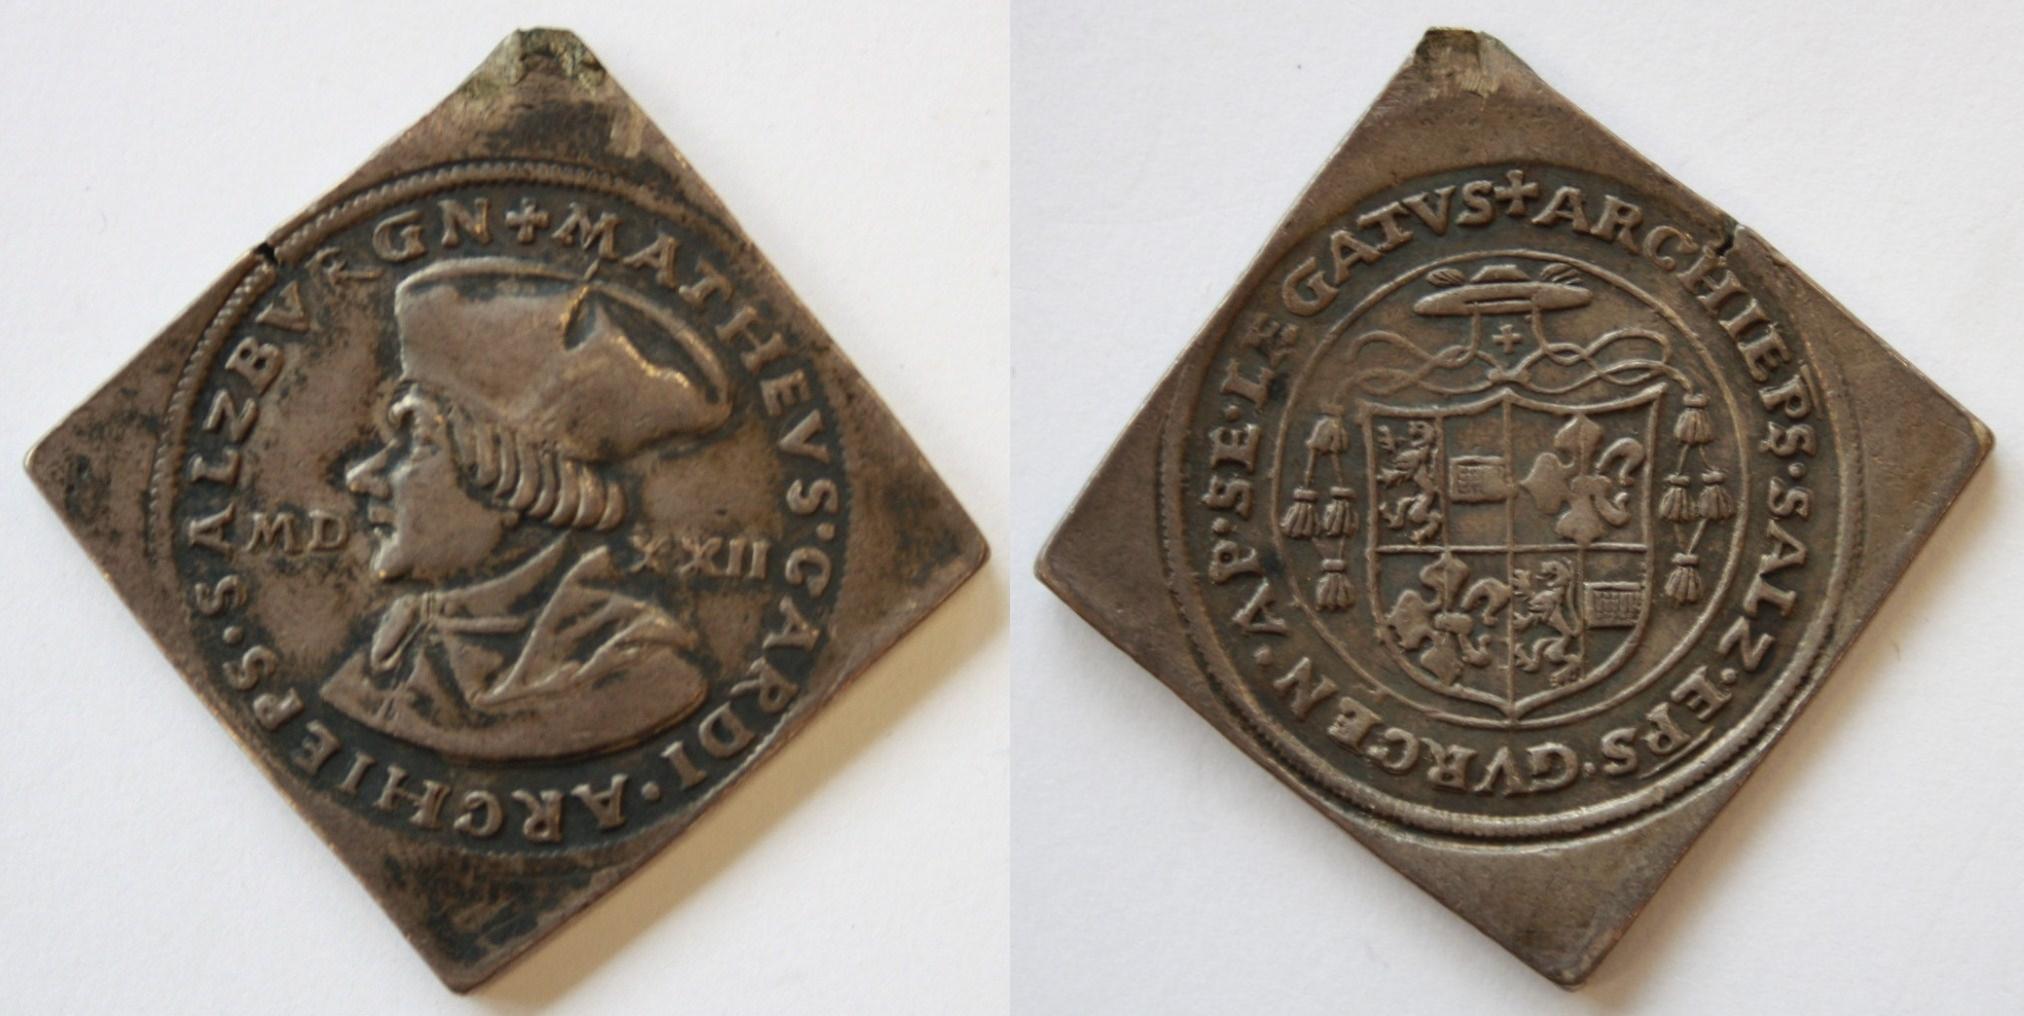 Matheus Lang, Klippe 1522 im Halbguldinergewicht.